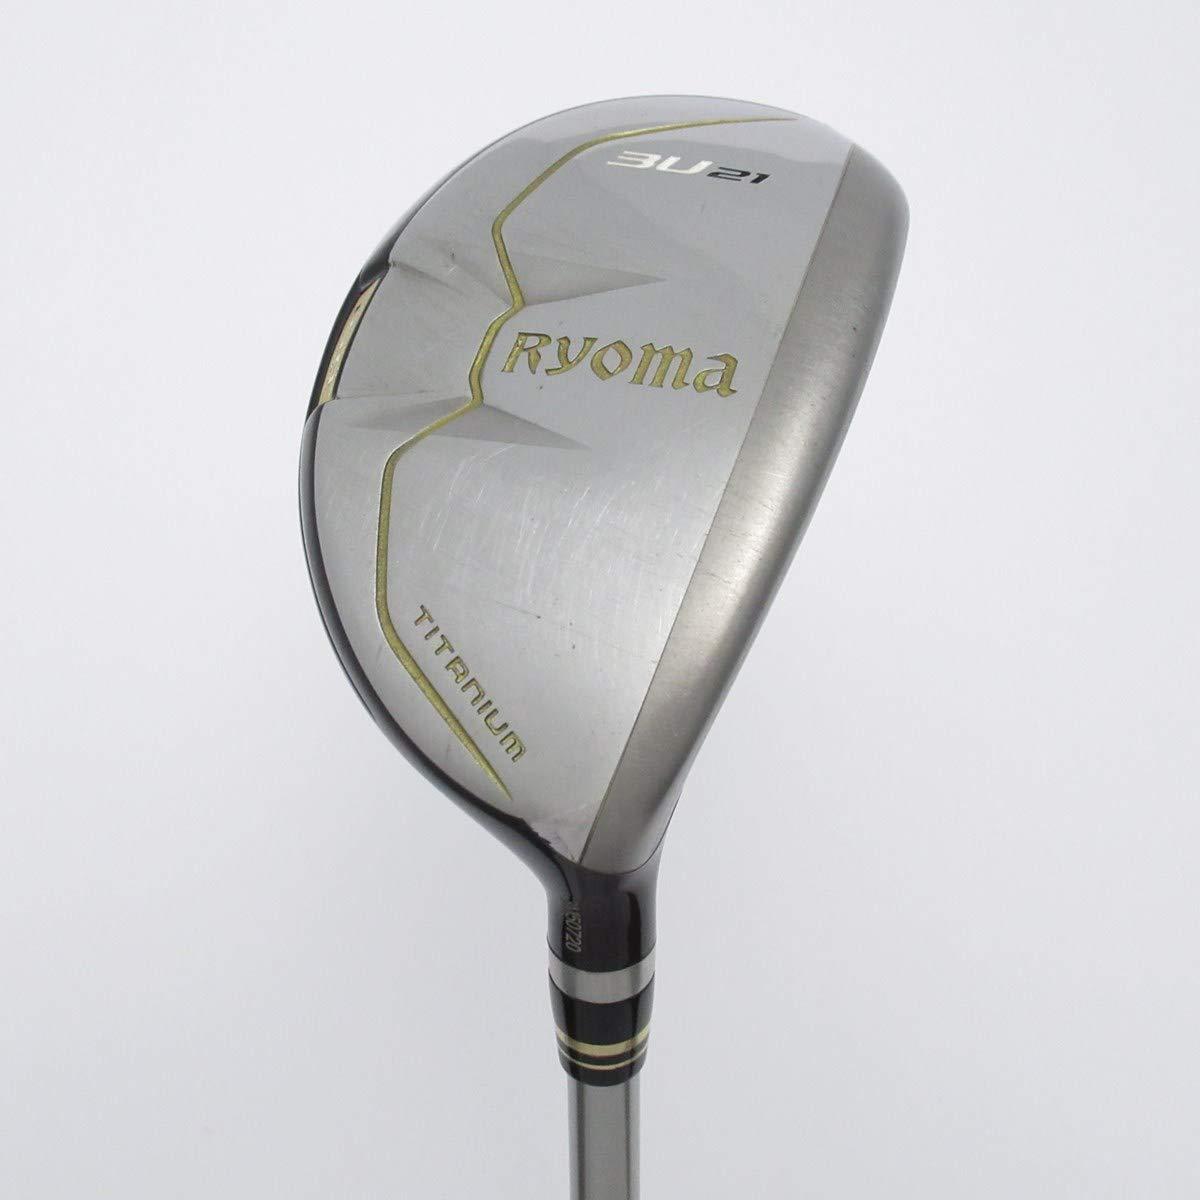 【中古】リョーマ ゴルフ RYOMA GOLF Ryoma U ユーティリティ Tour AD RYOMA U 【U3】 B07T625MHM  S